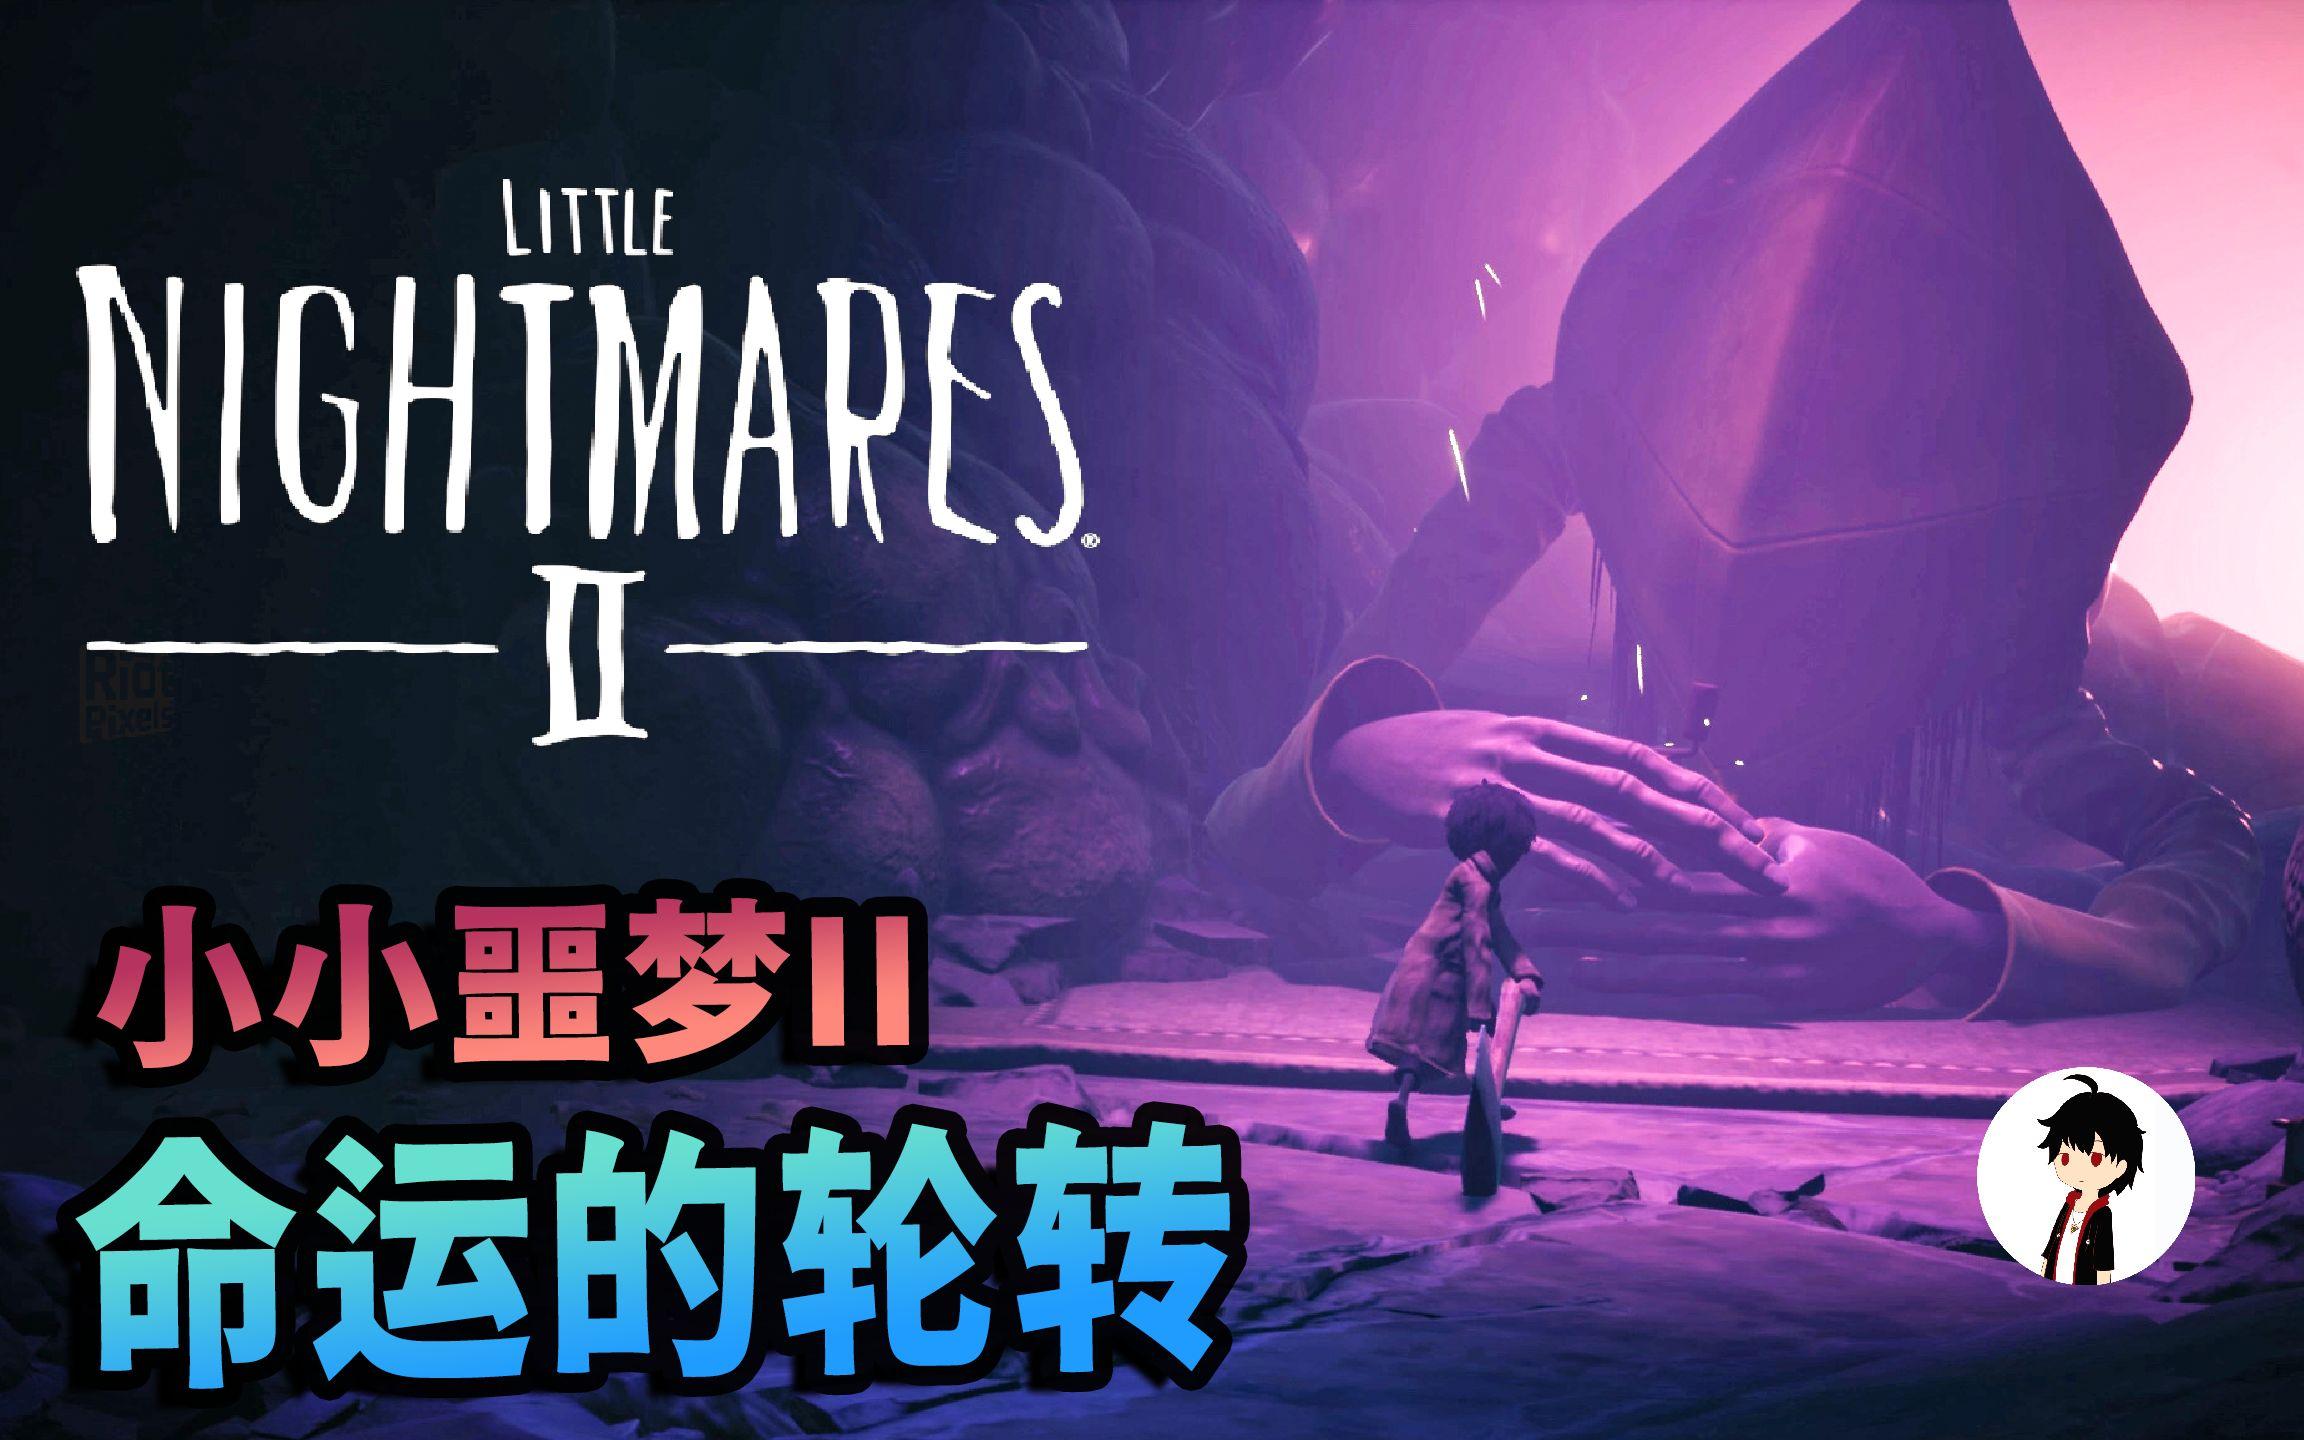 【矿蛙】《小小梦魇2丨小小噩梦2 Little Nightmares II》结局逆天!屠龙者终变恶龙